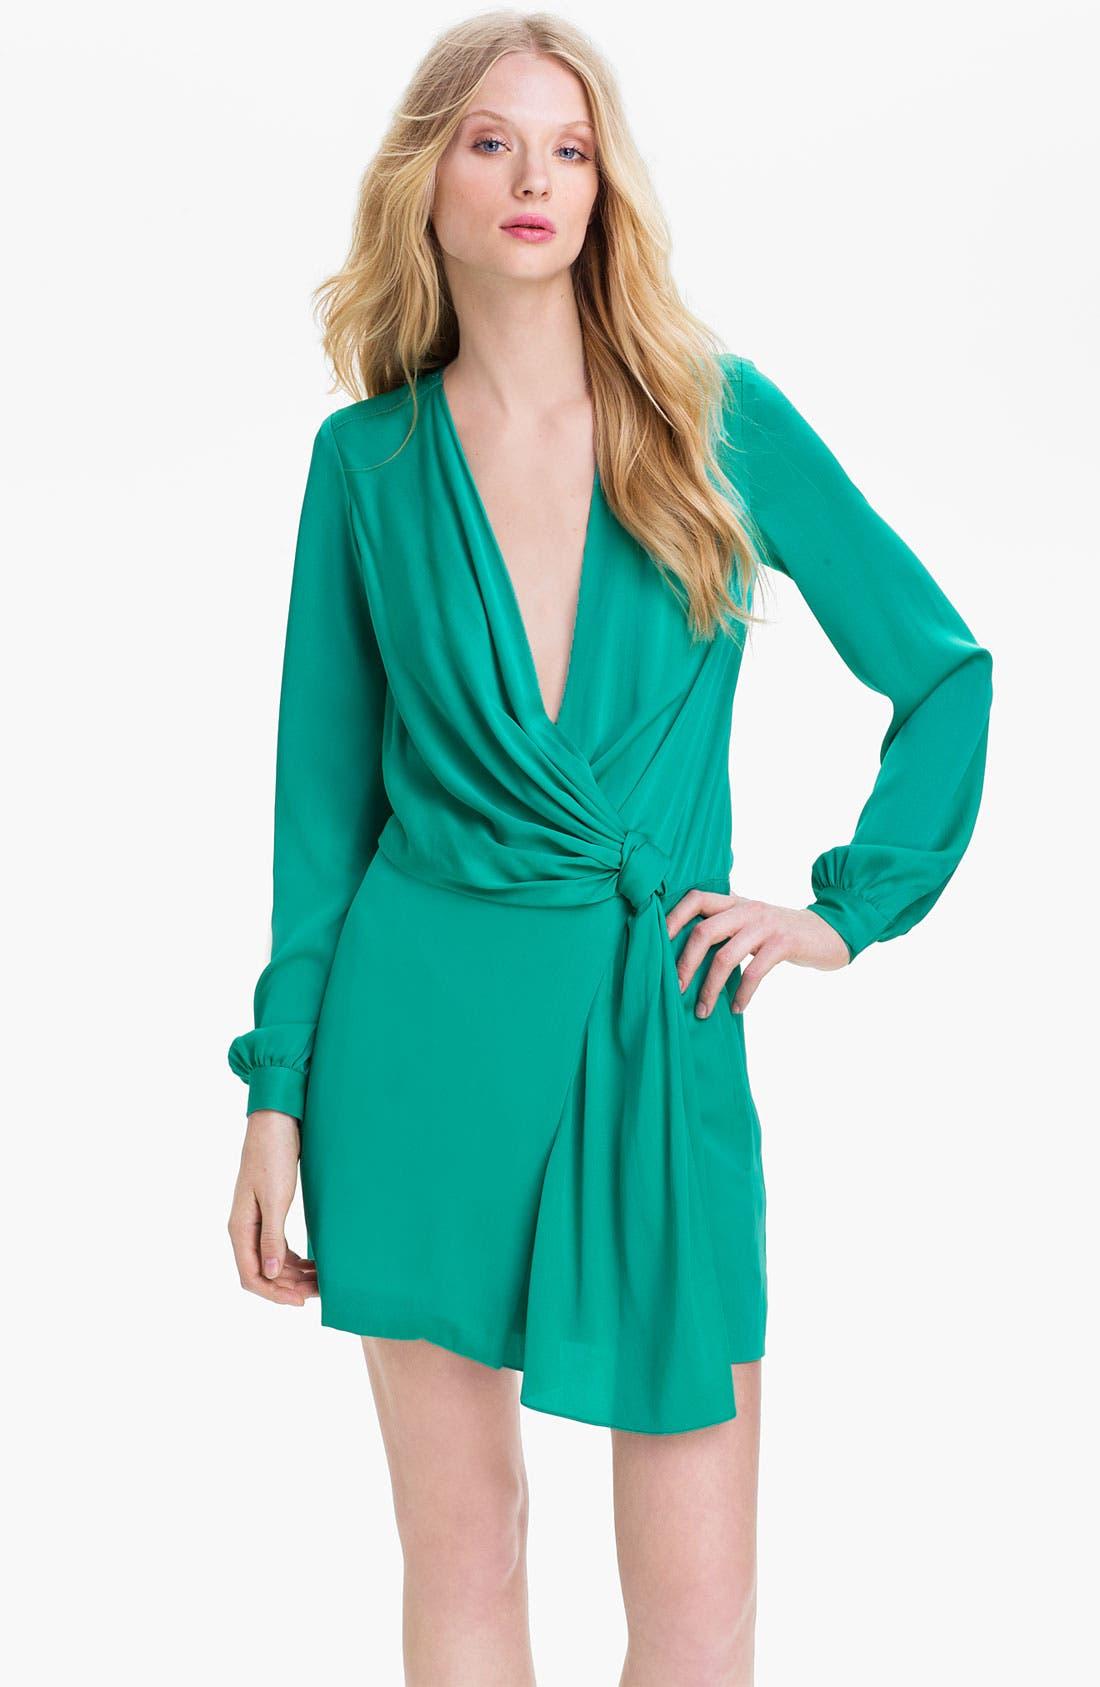 Alternate Image 1 Selected - Diane von Furstenberg 'Dora' Stretch Silk Blouson Dress (Online Exclusive)